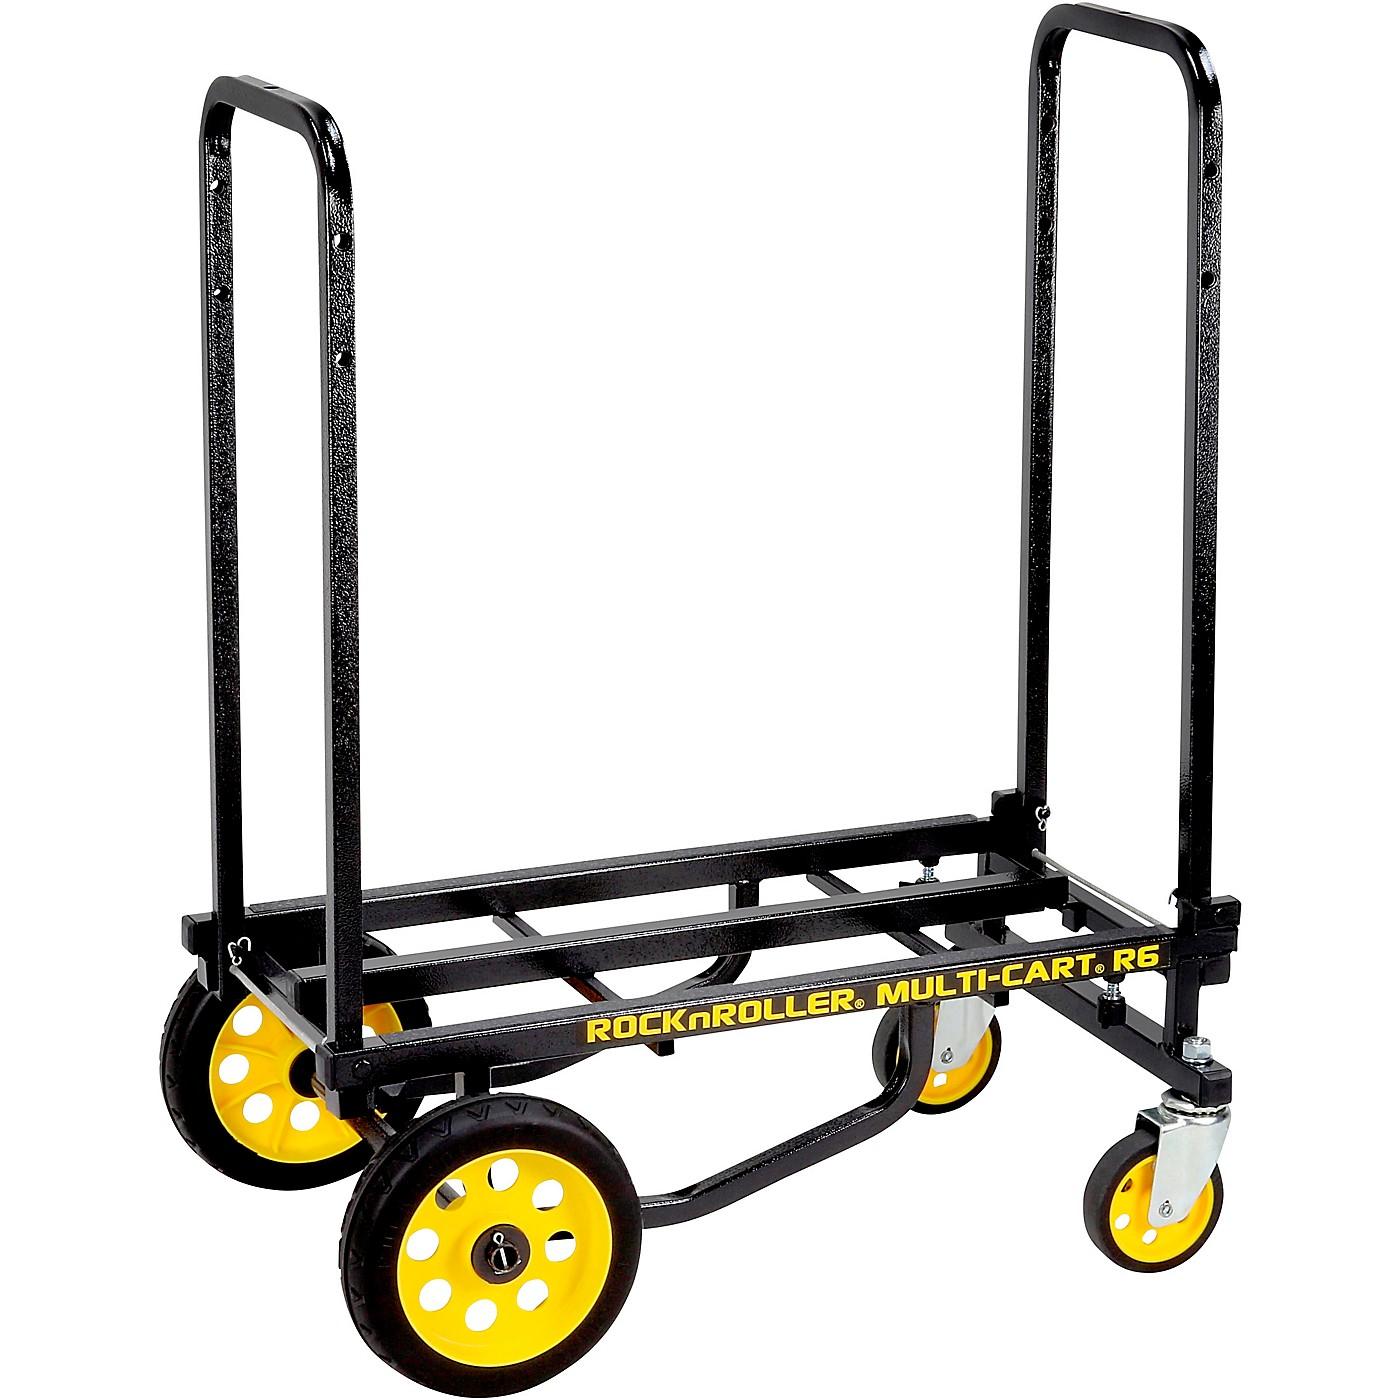 Rock N Roller R6RT Multi-Cart 8-in-1 Equipment Transporter Cart thumbnail